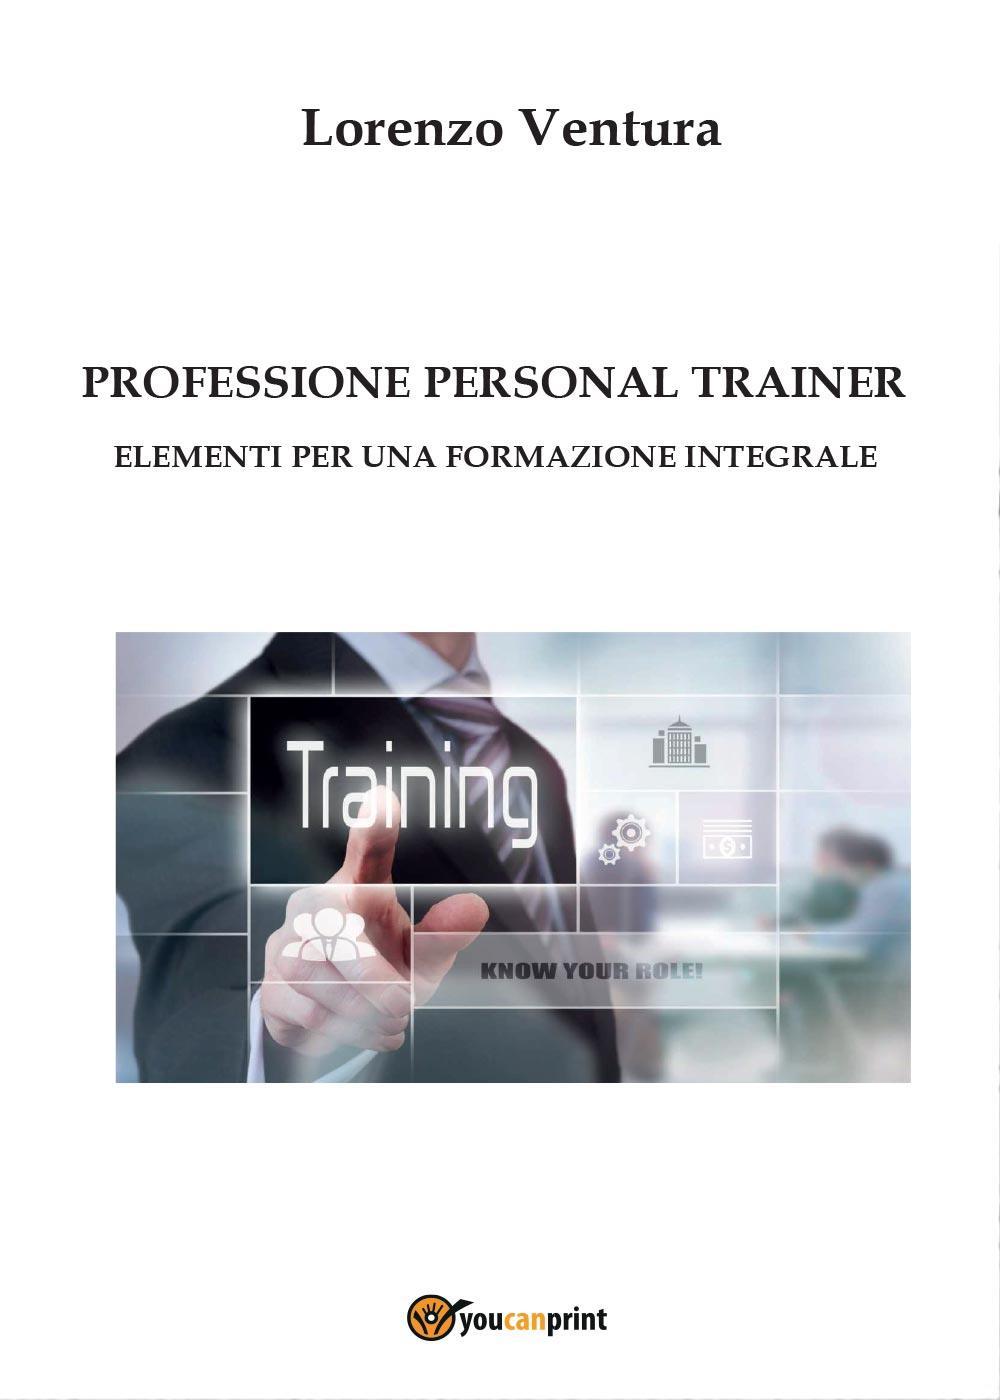 PROFESSIONE PERSONAL TRAINER - Elementi per una formazione integrale